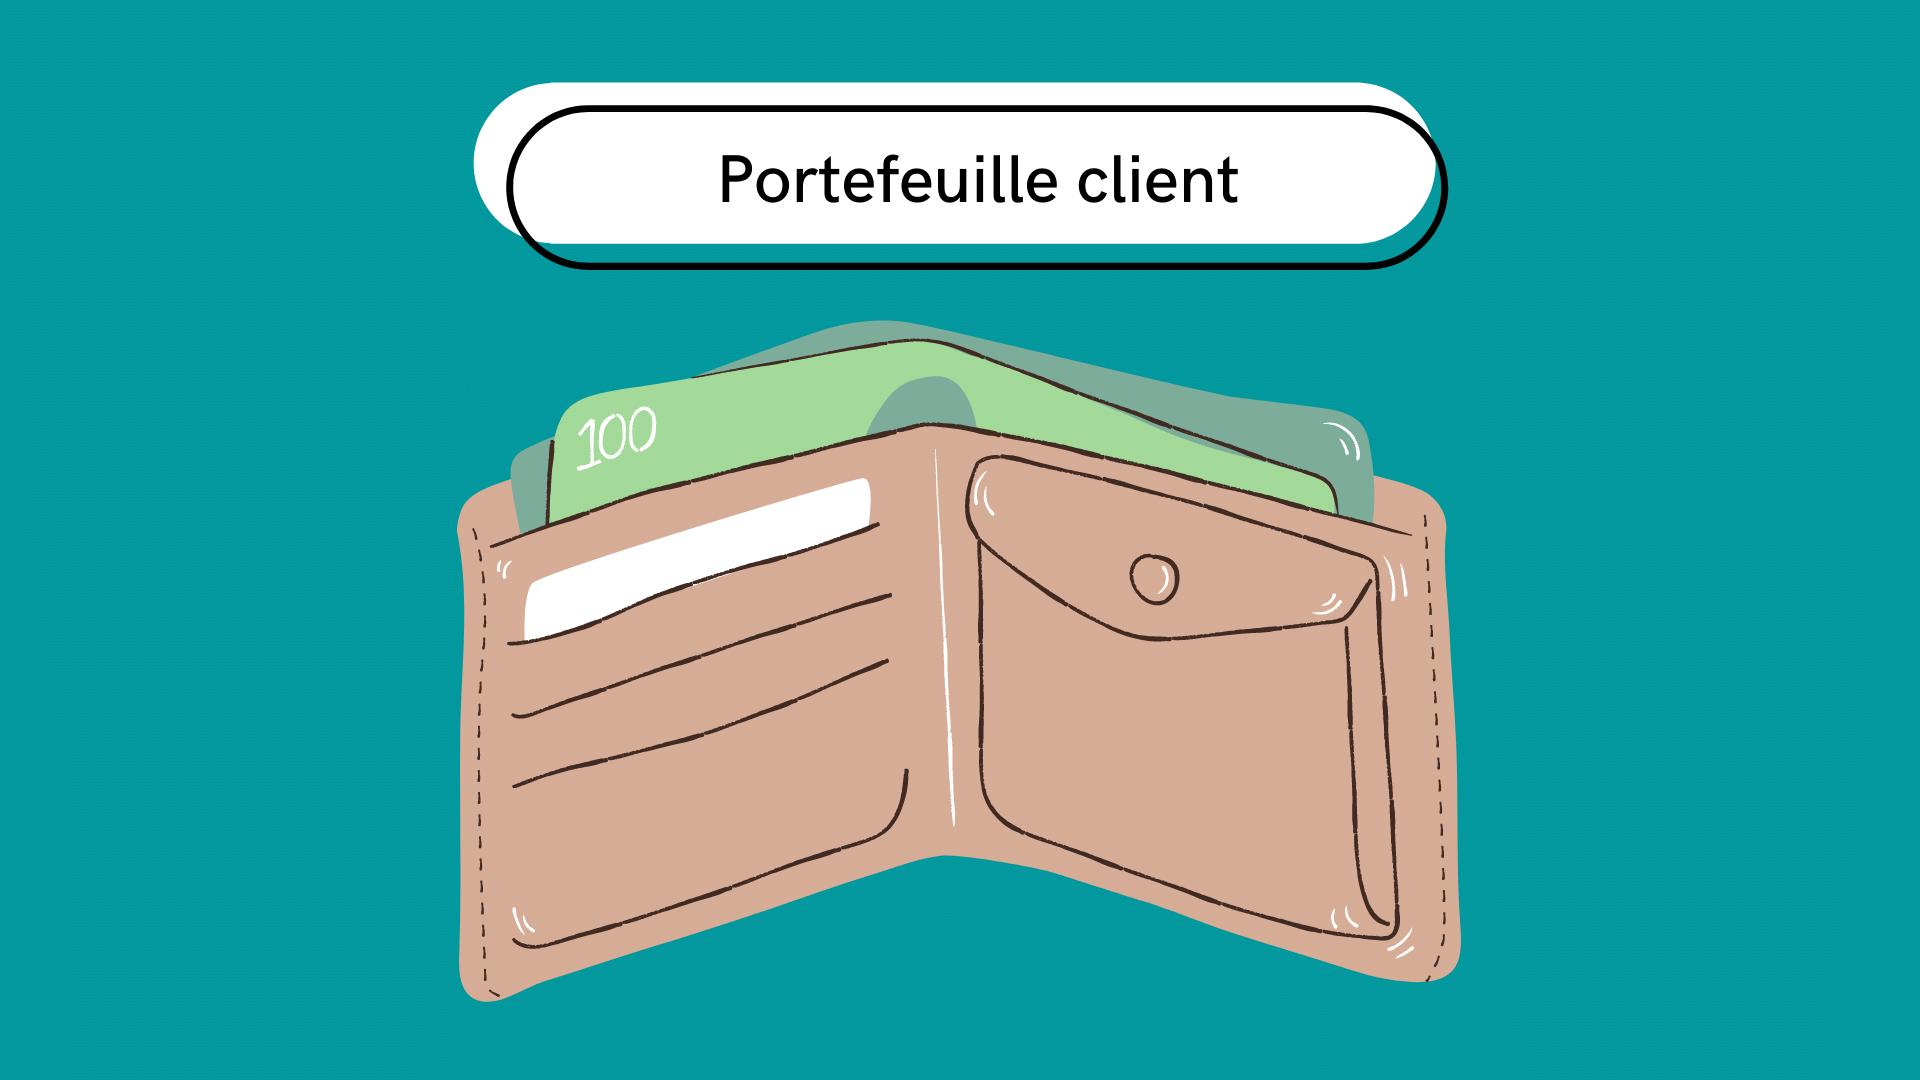 portefeuille client